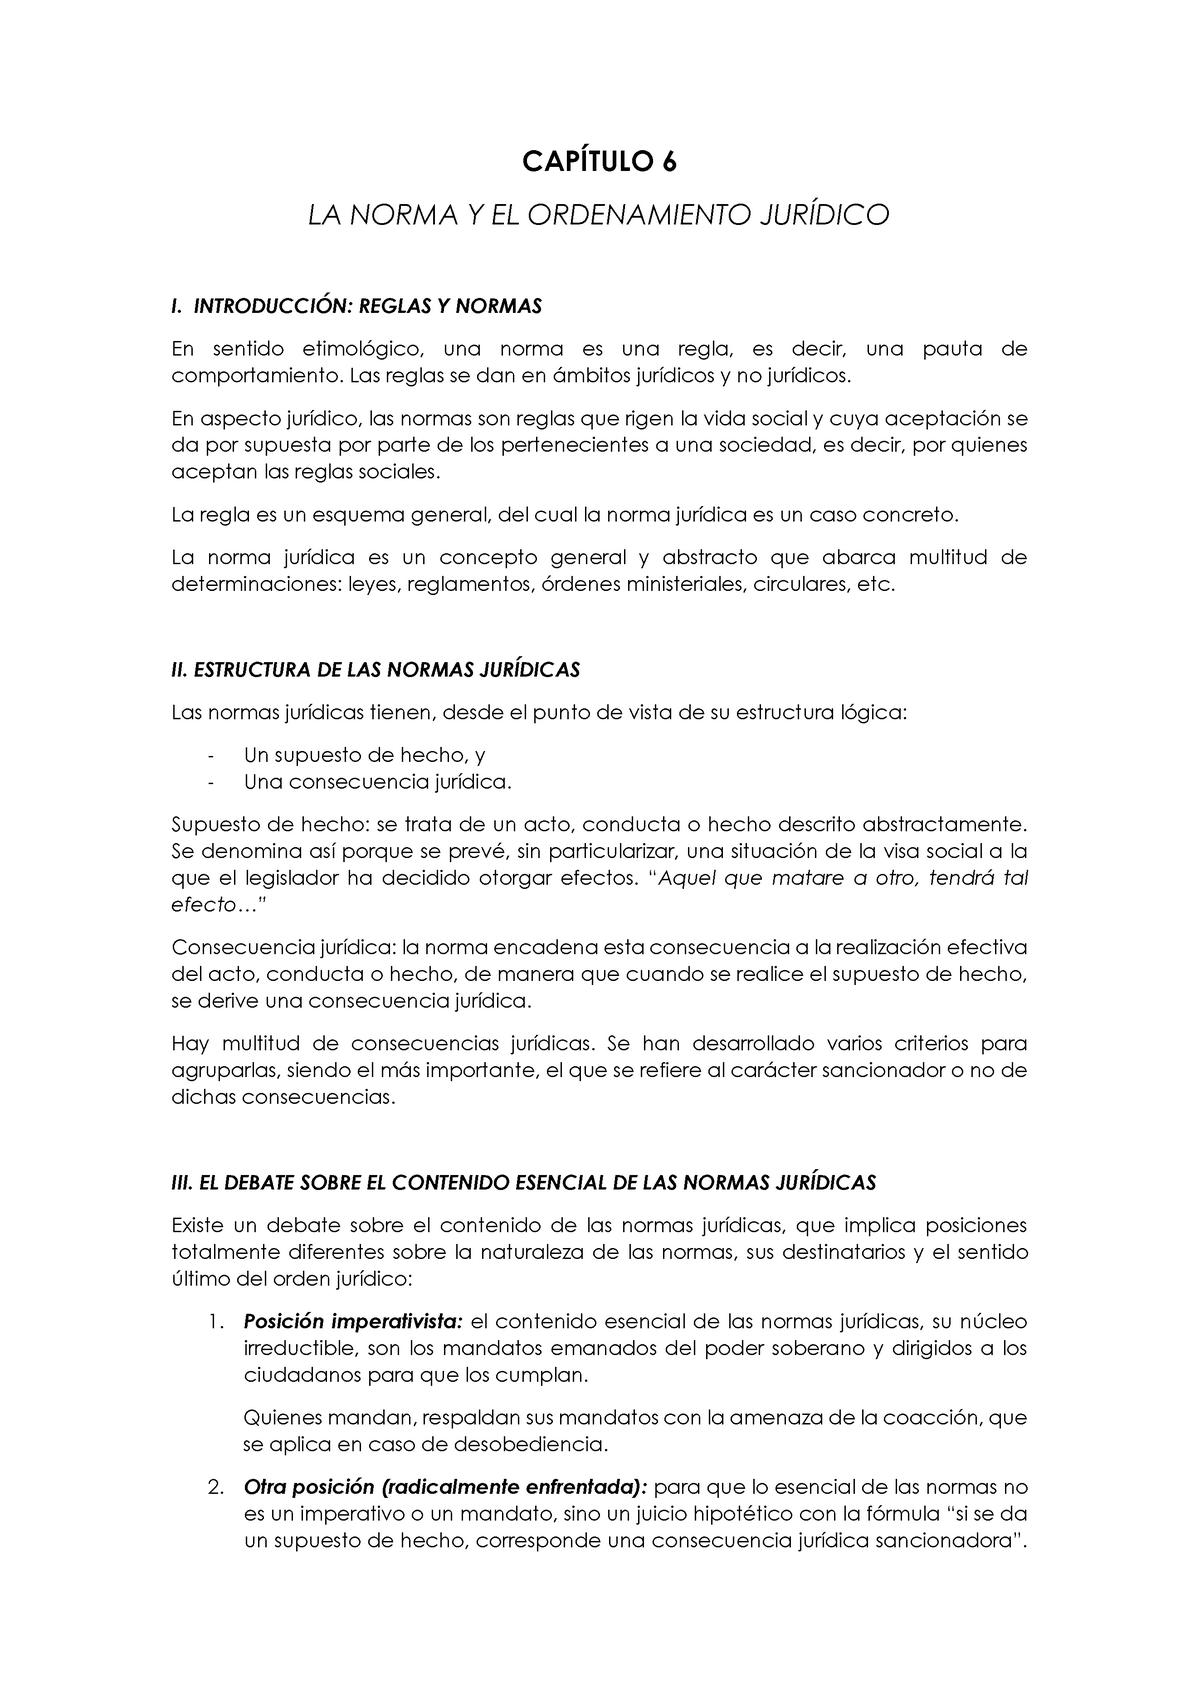 Capítulo 6 La Norma Y El Ordenamiento Jurídico 00001198